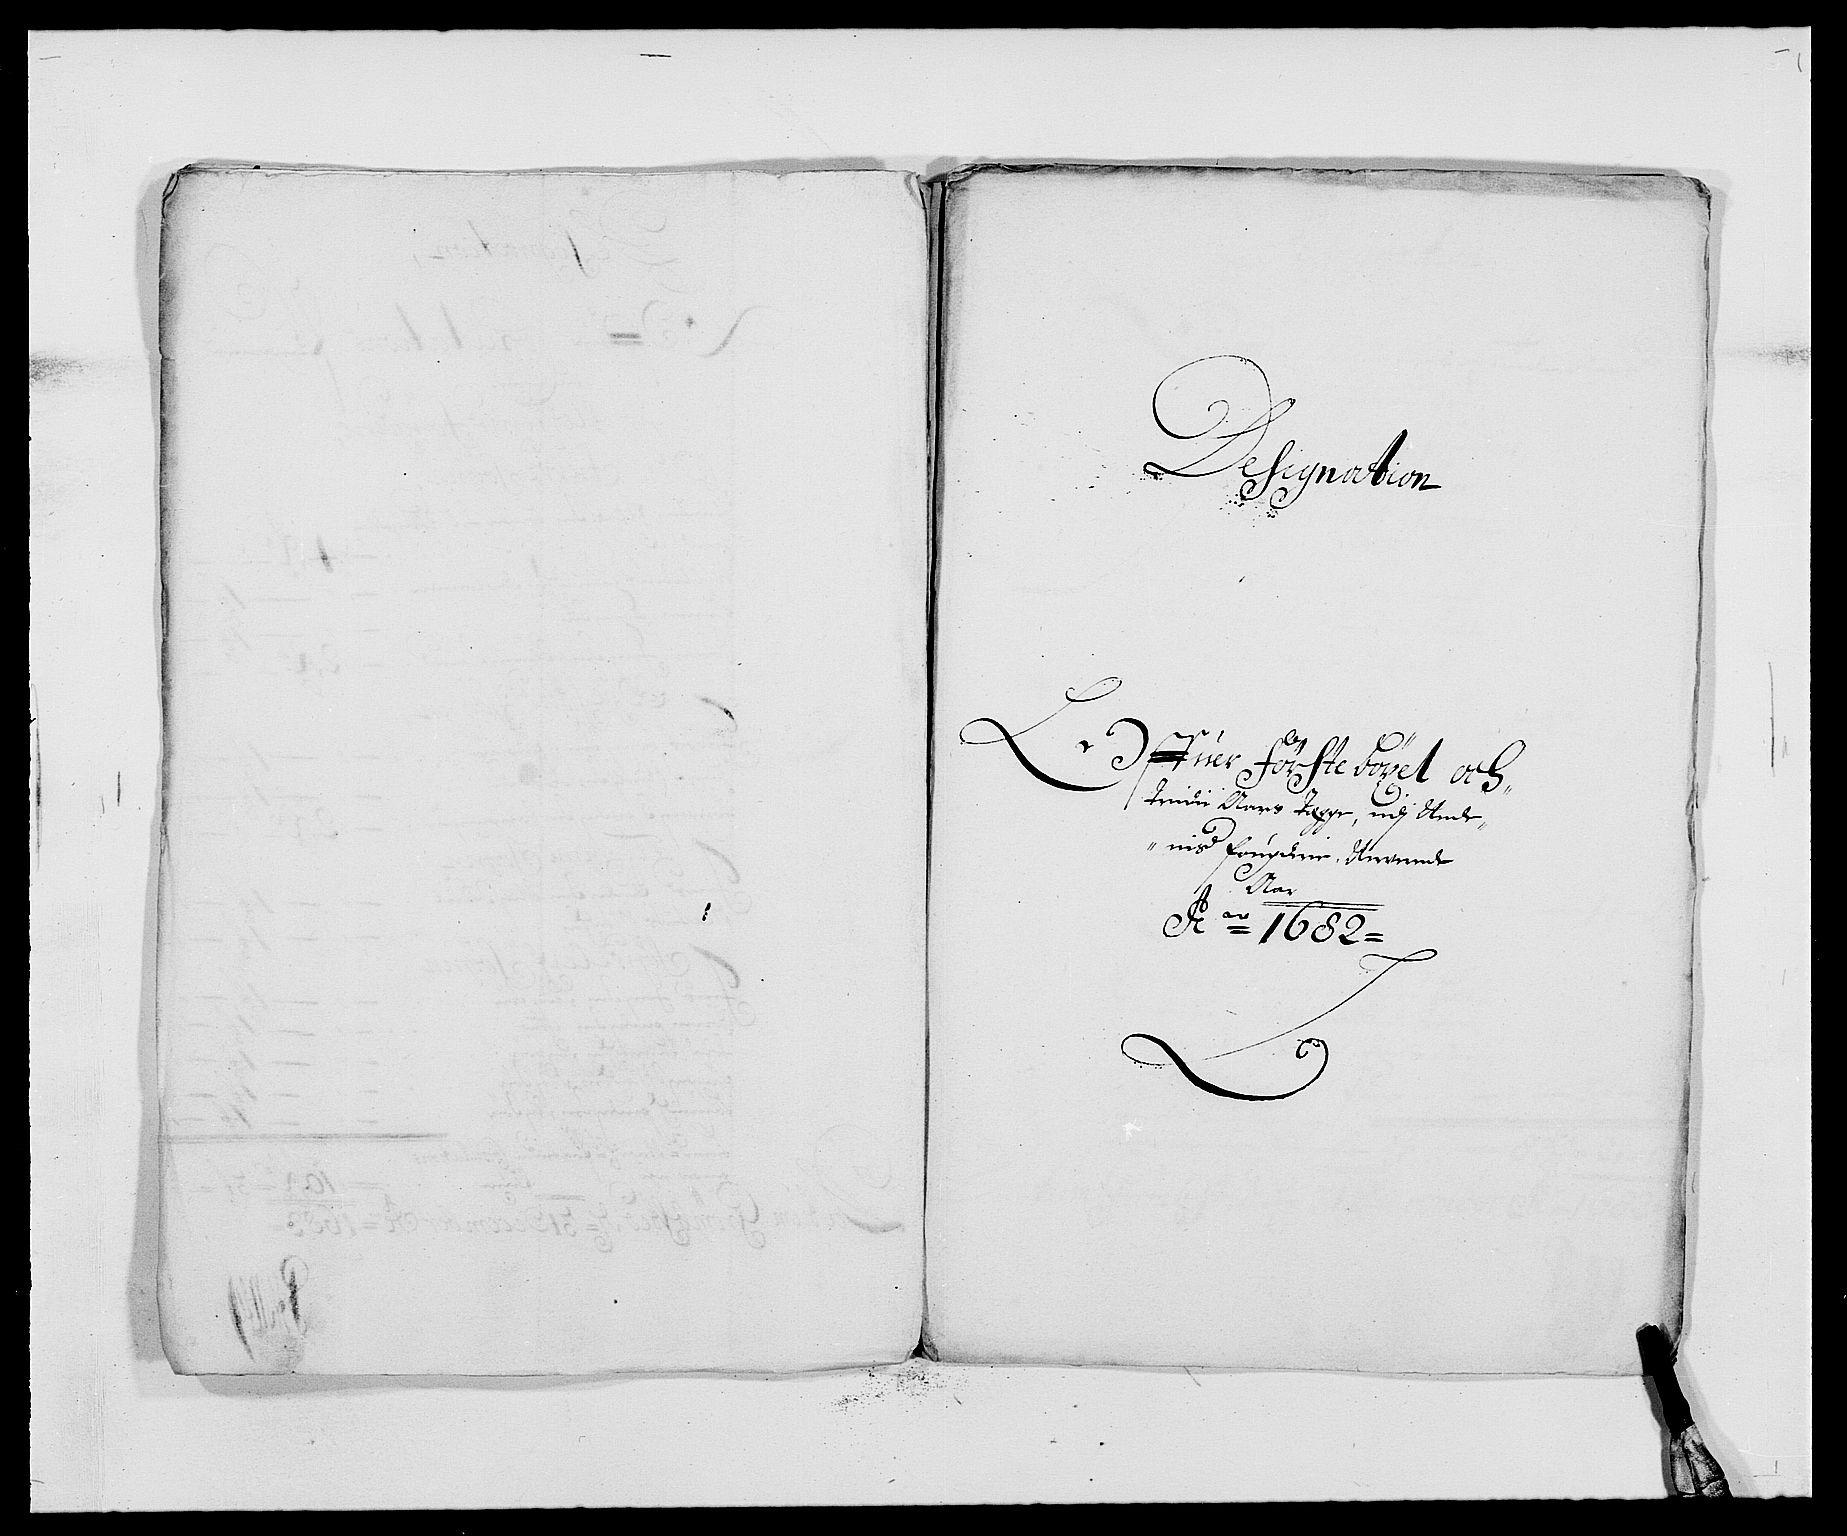 RA, Rentekammeret inntil 1814, Reviderte regnskaper, Fogderegnskap, R39/L2304: Fogderegnskap Nedenes, 1680-1682, s. 406